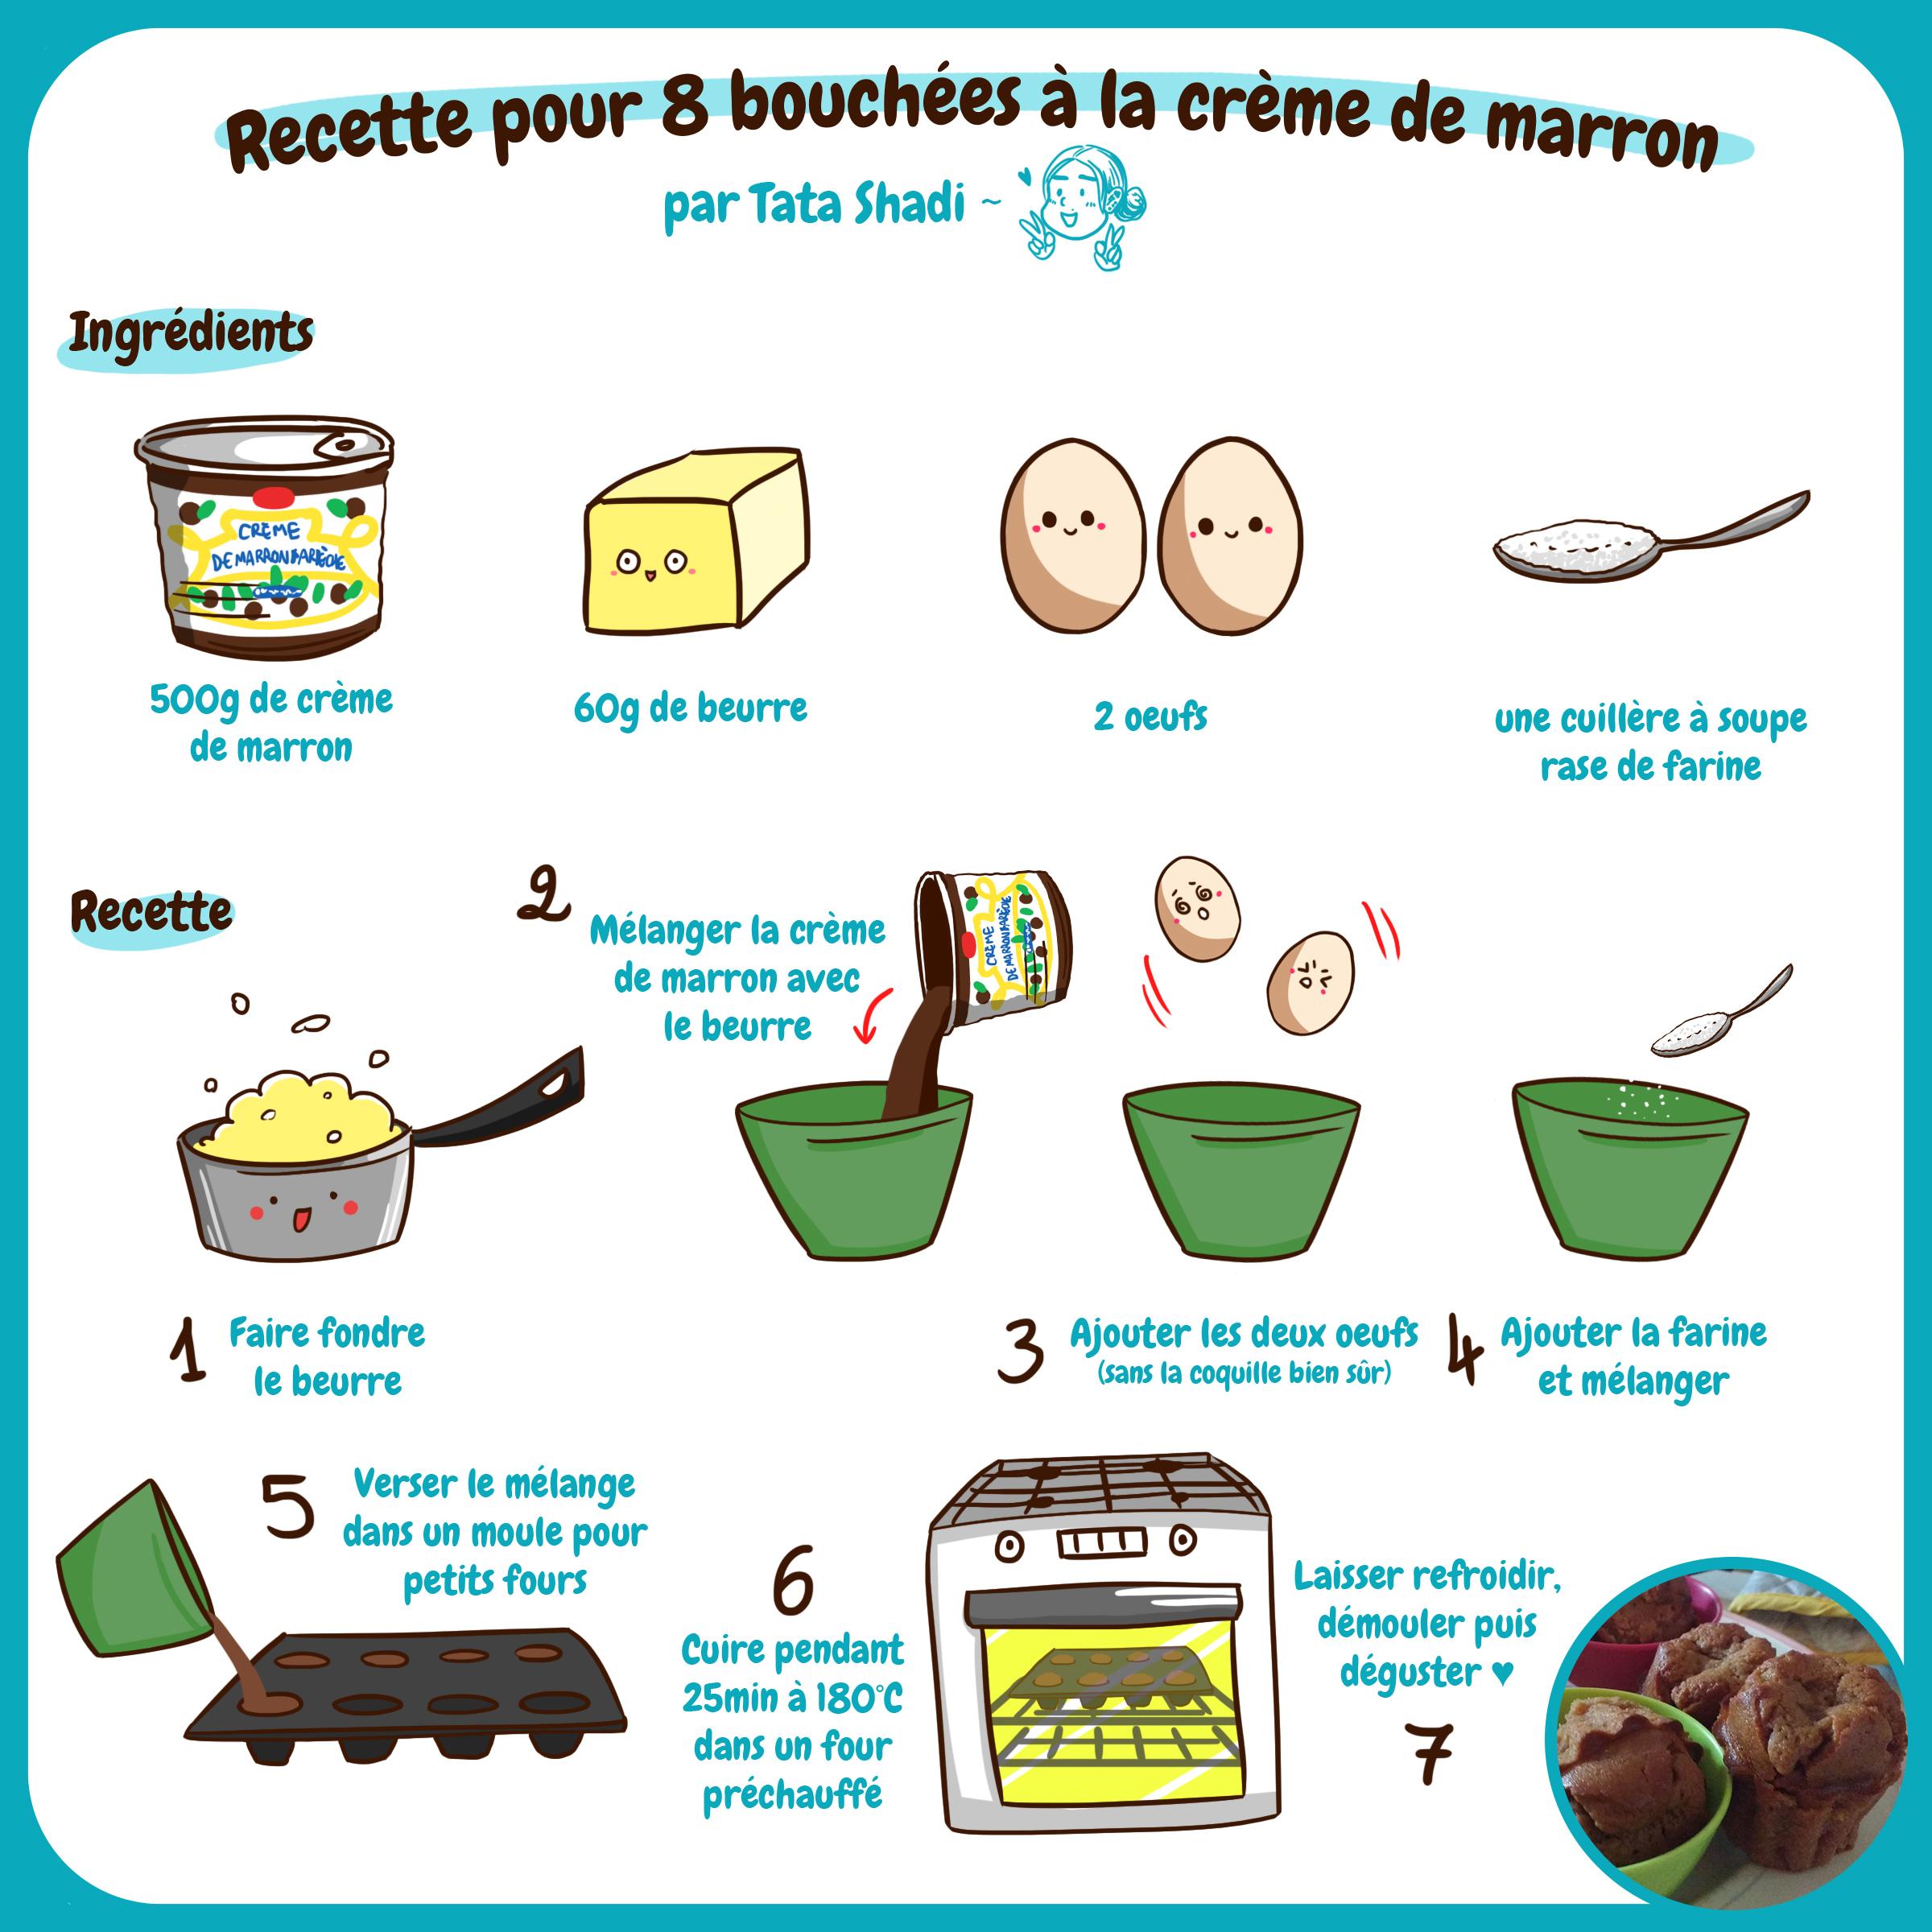 Infographie présentant la recette de bouchées à la crème de marron